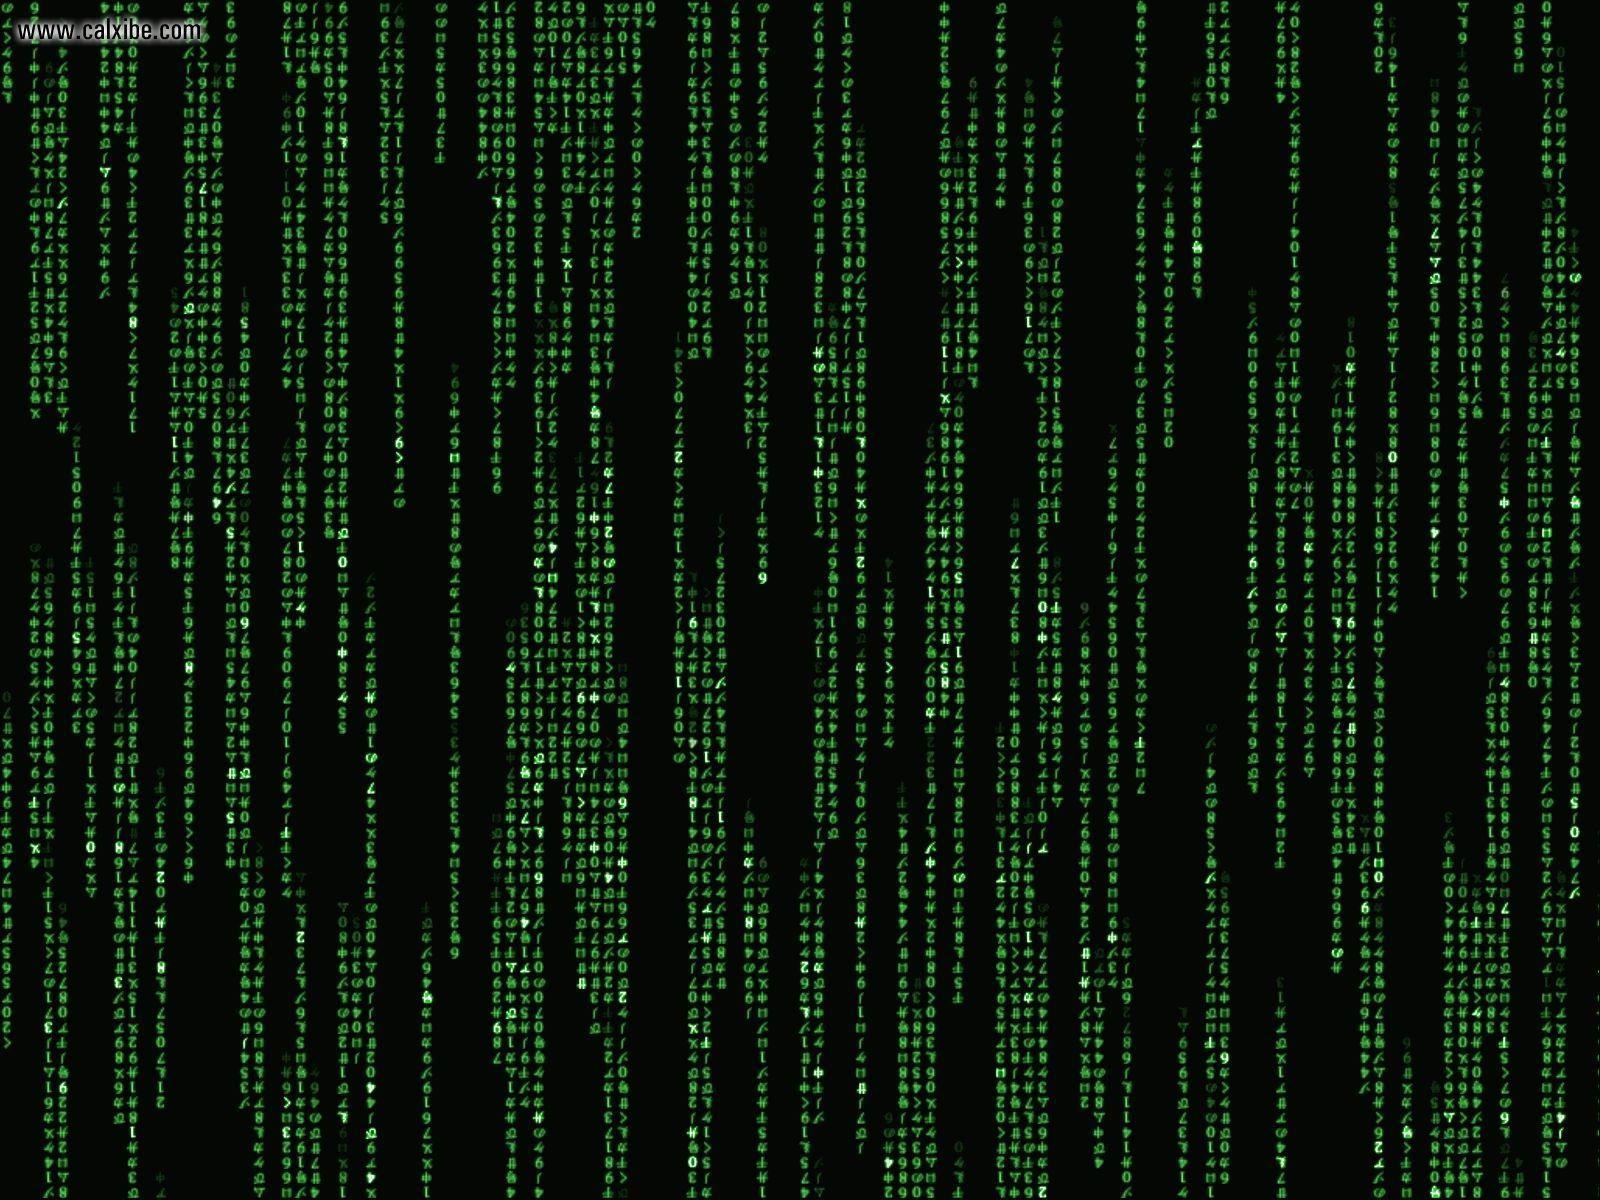 Matrix Code Wallpaper Wallpapersafari